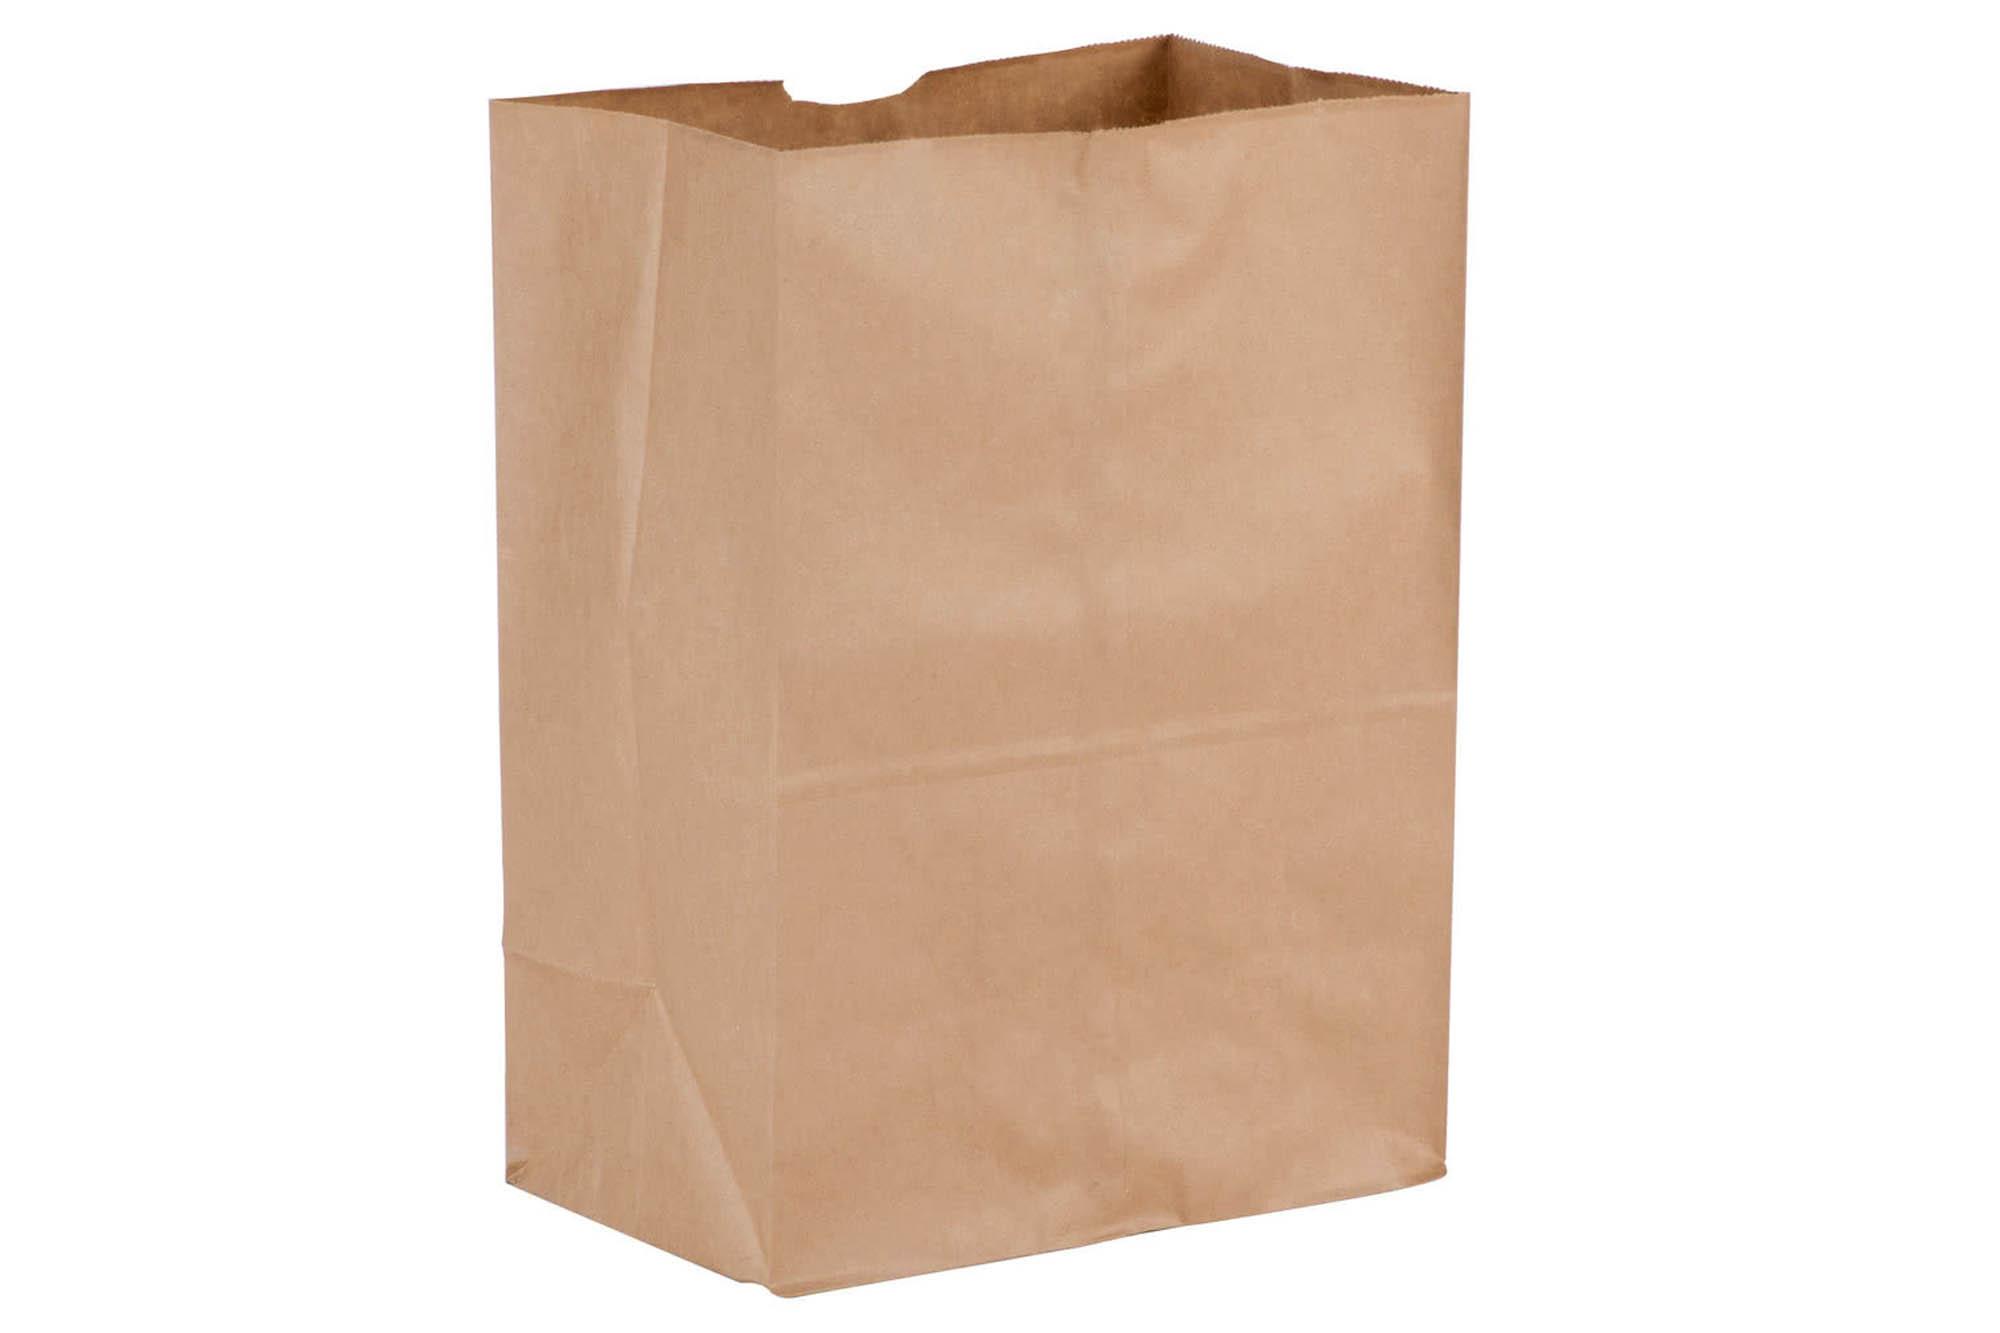 Bags sacks